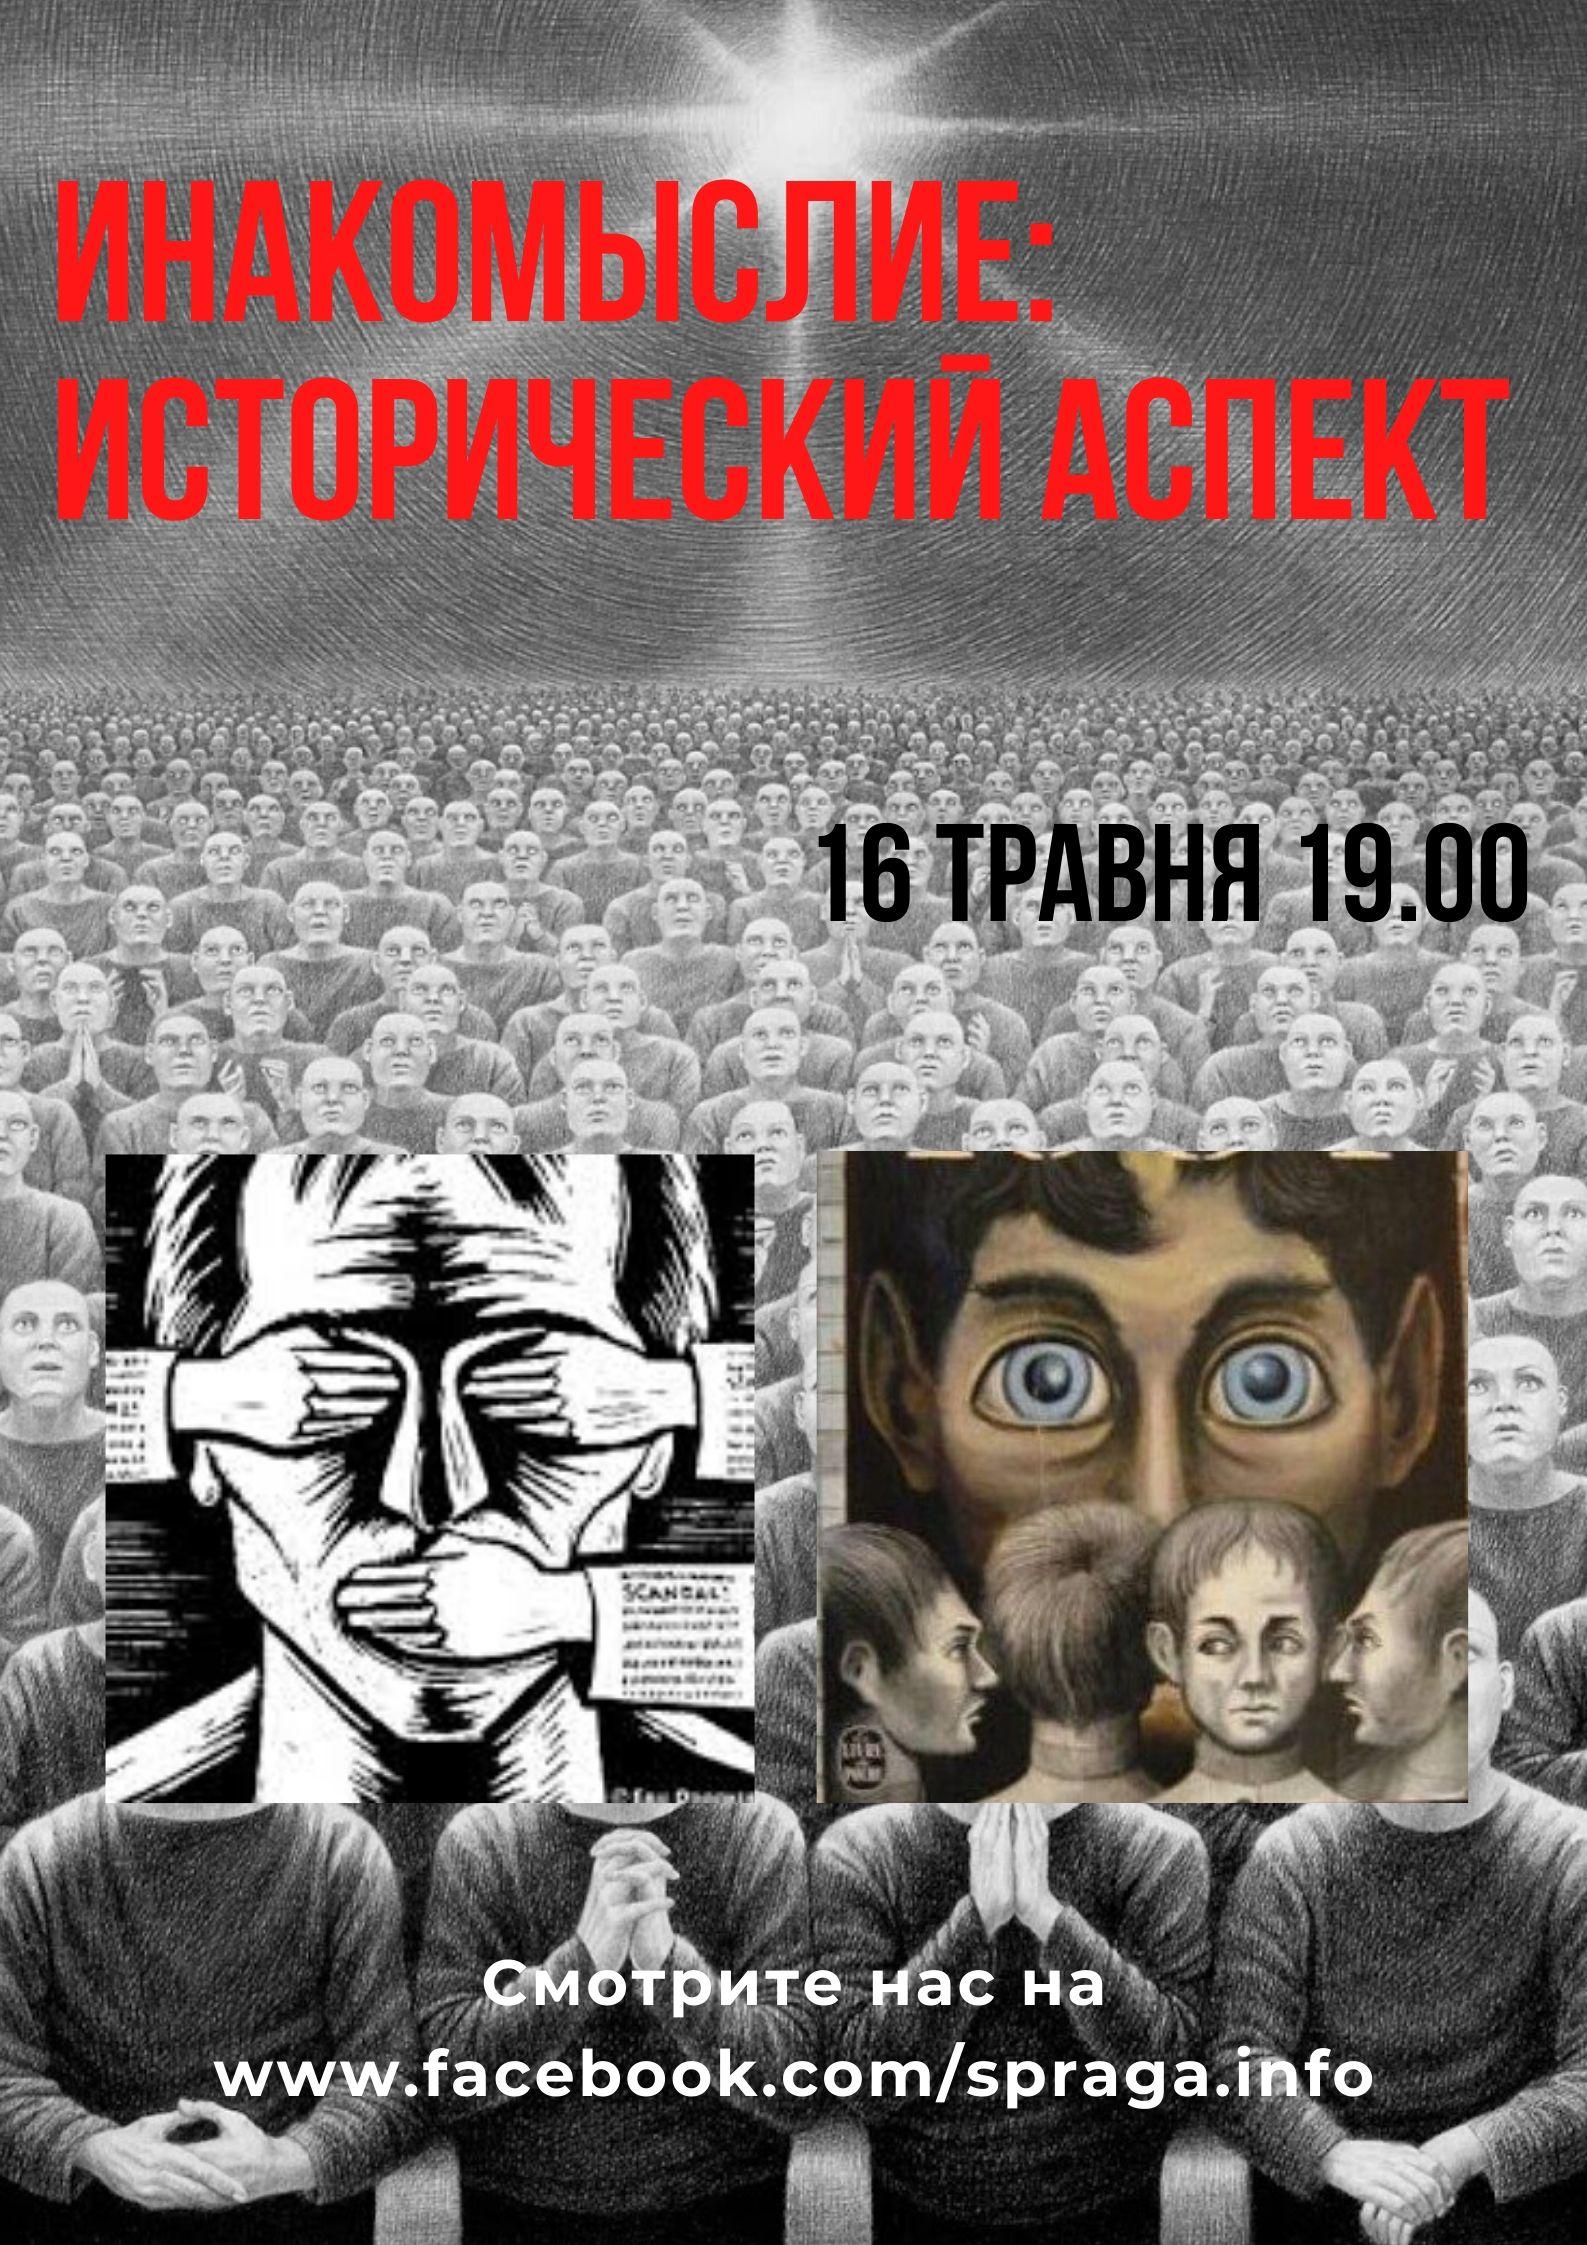 Инакомыслие, інакодумство, Юрий Чабан, Юрій Чабан